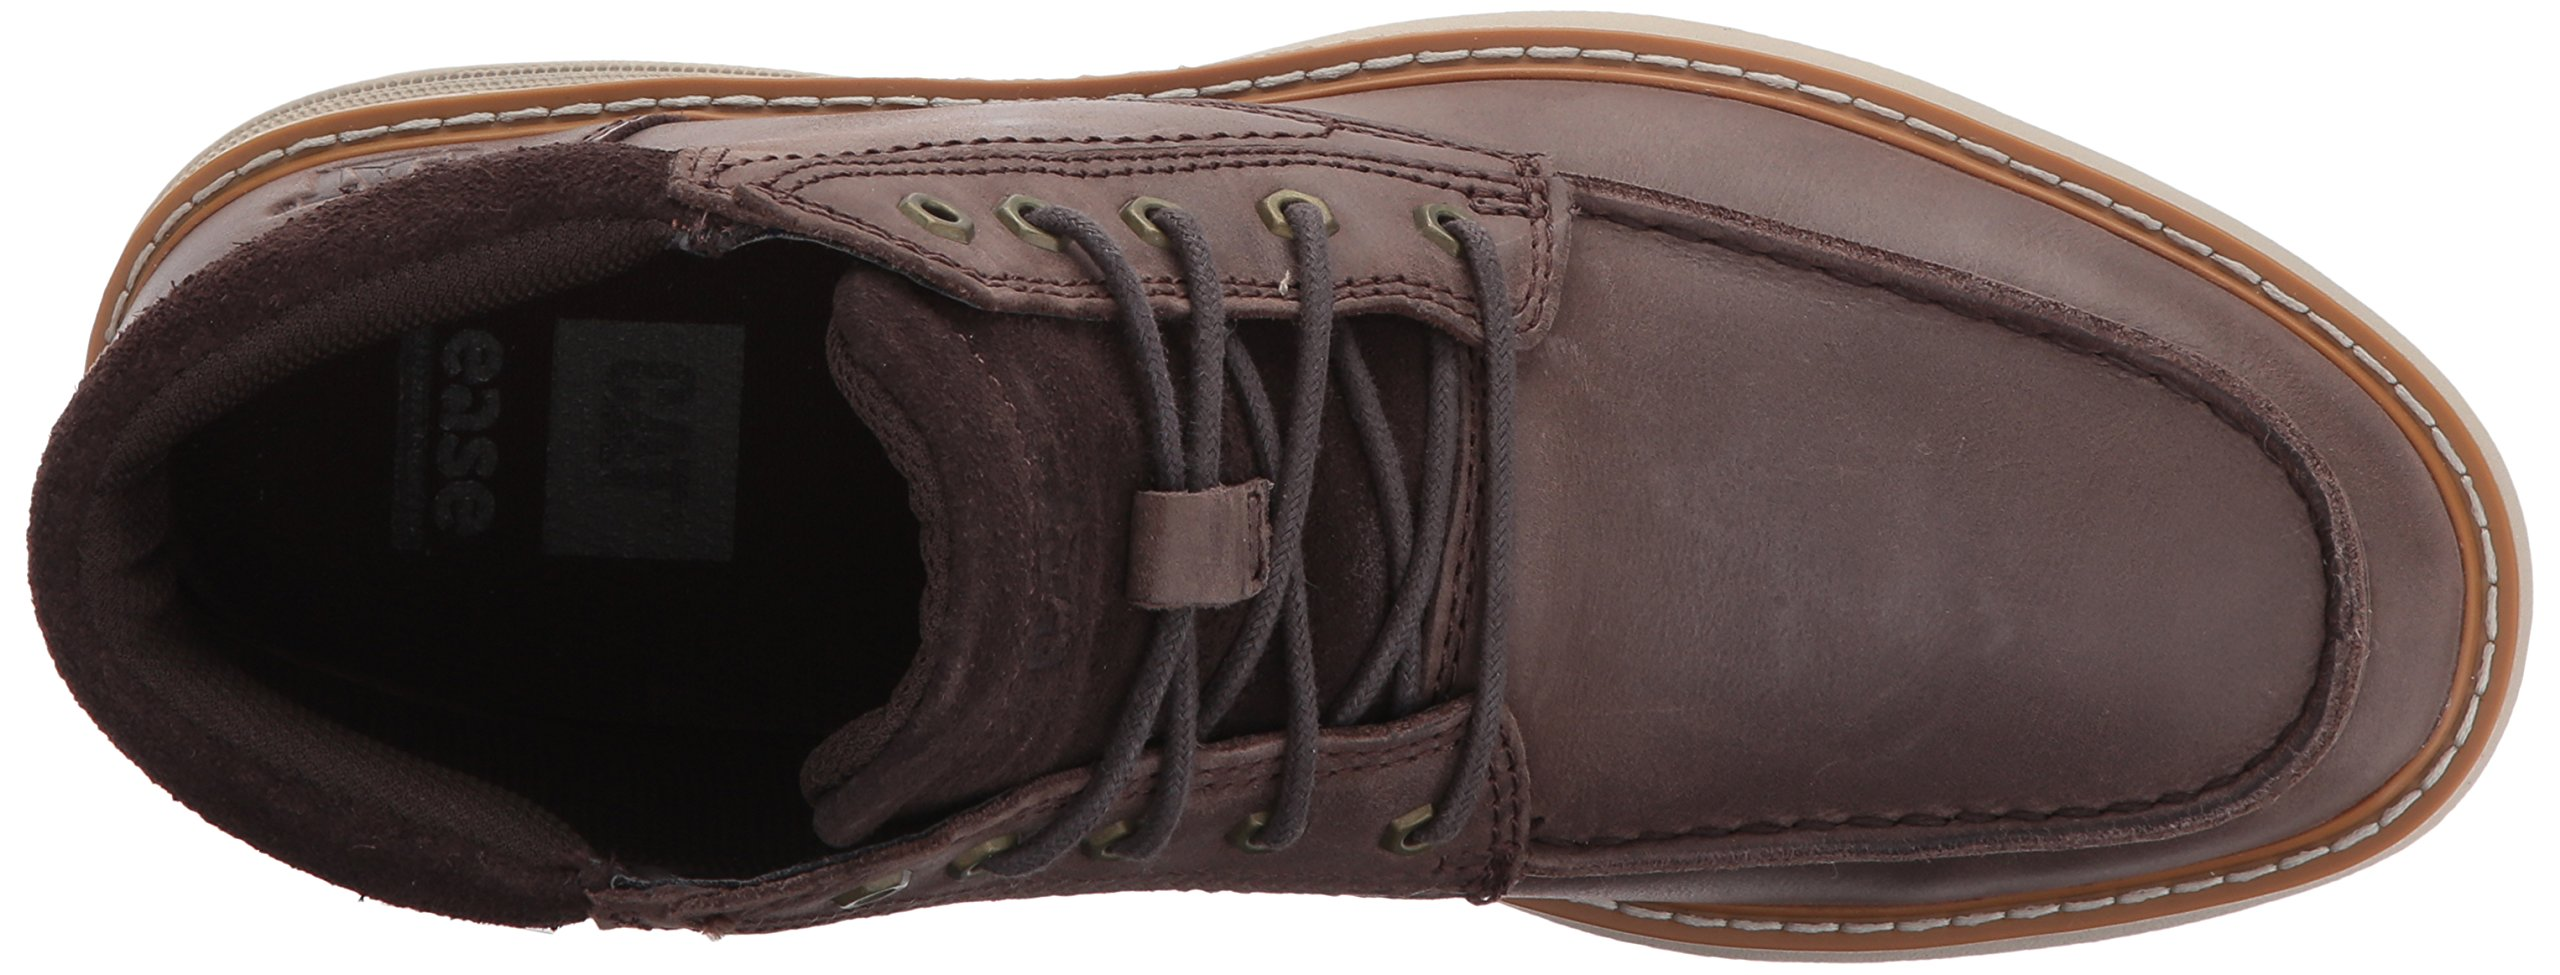 572cc06d434e2 Caterpillar Men's Duke Fashion Boot - TiendaMIA.com